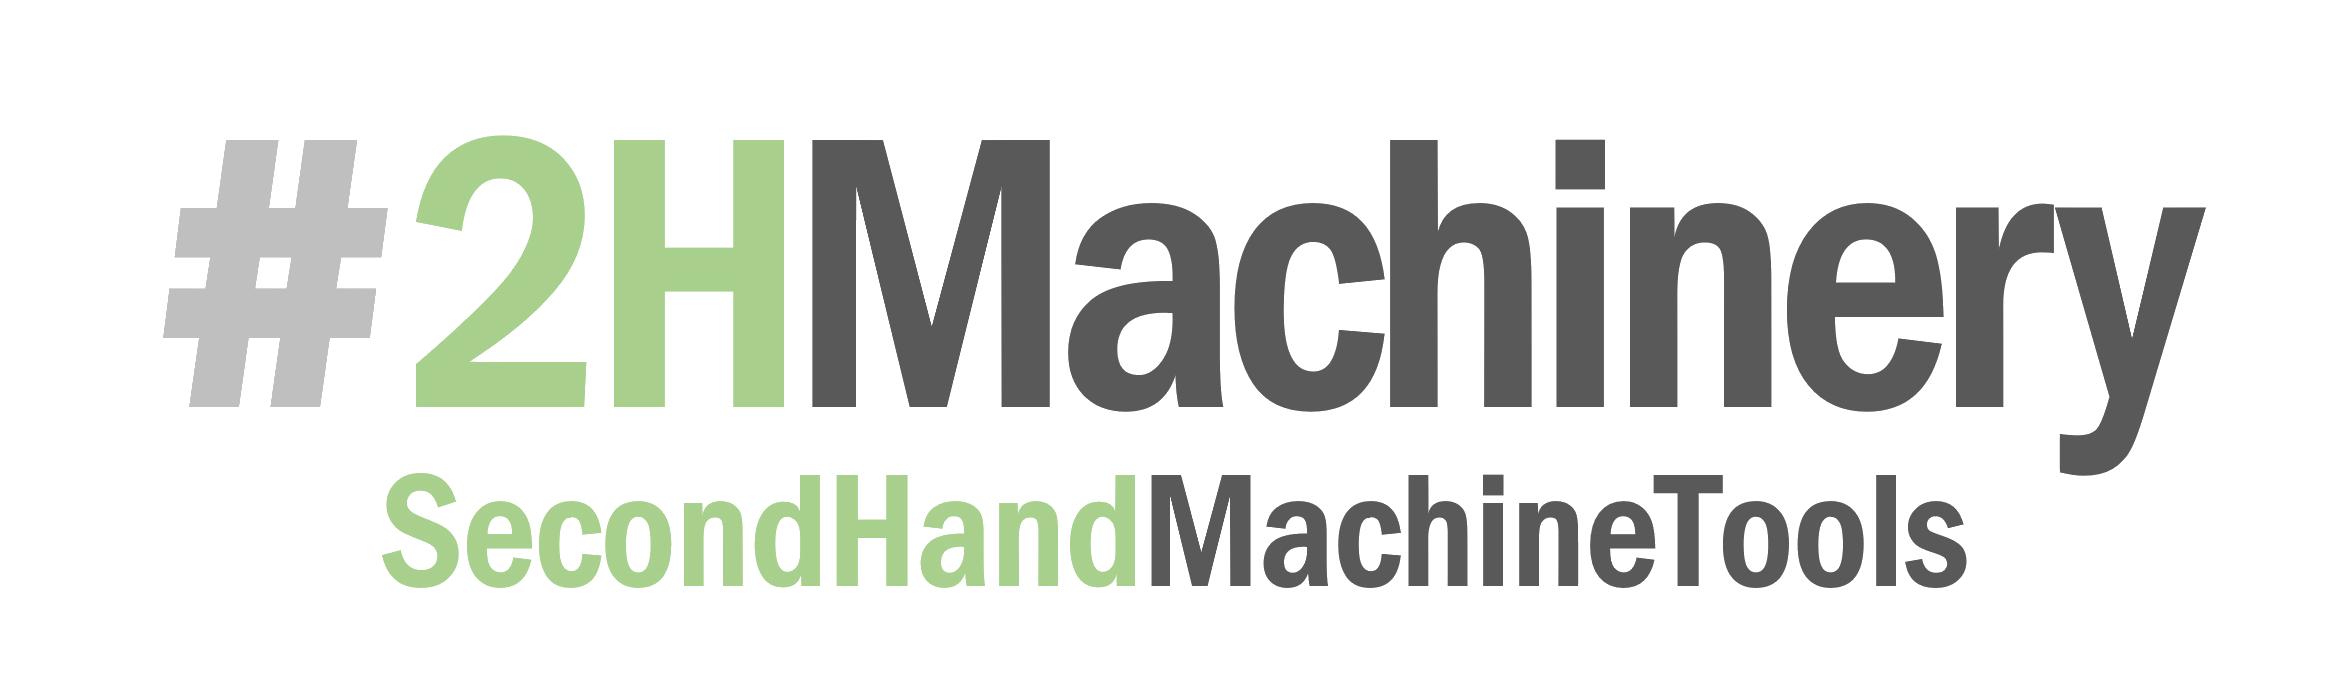 2HMachinery - Vendita macchine utensili usate